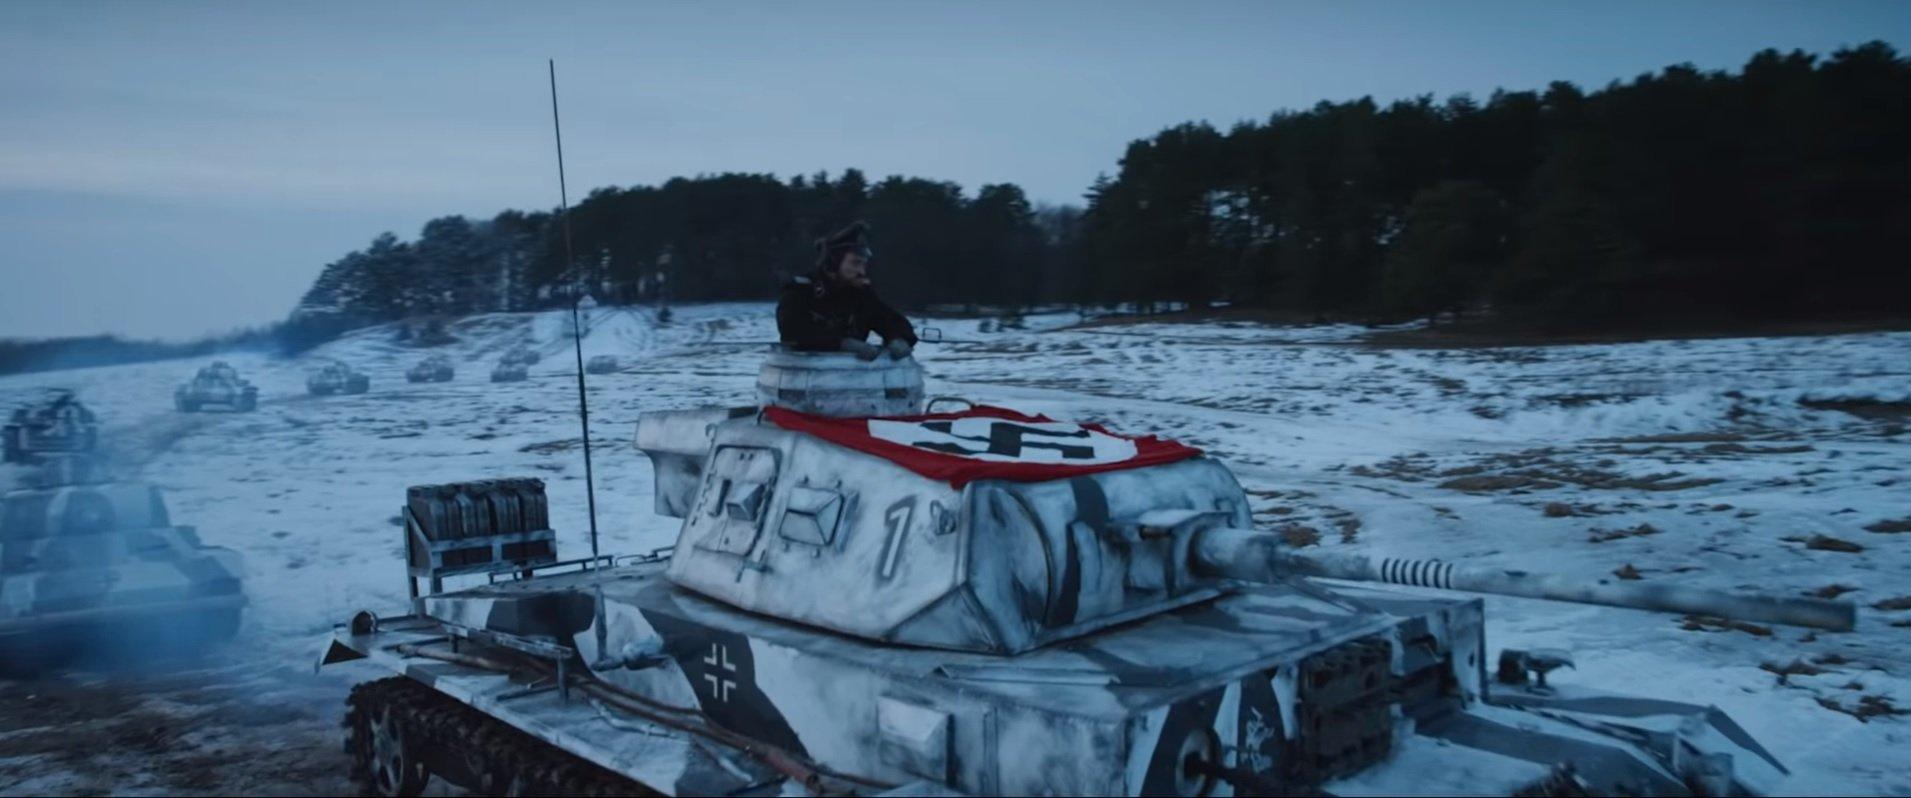 Czołg na polu bitwy. Zwiastun widowiska T-34